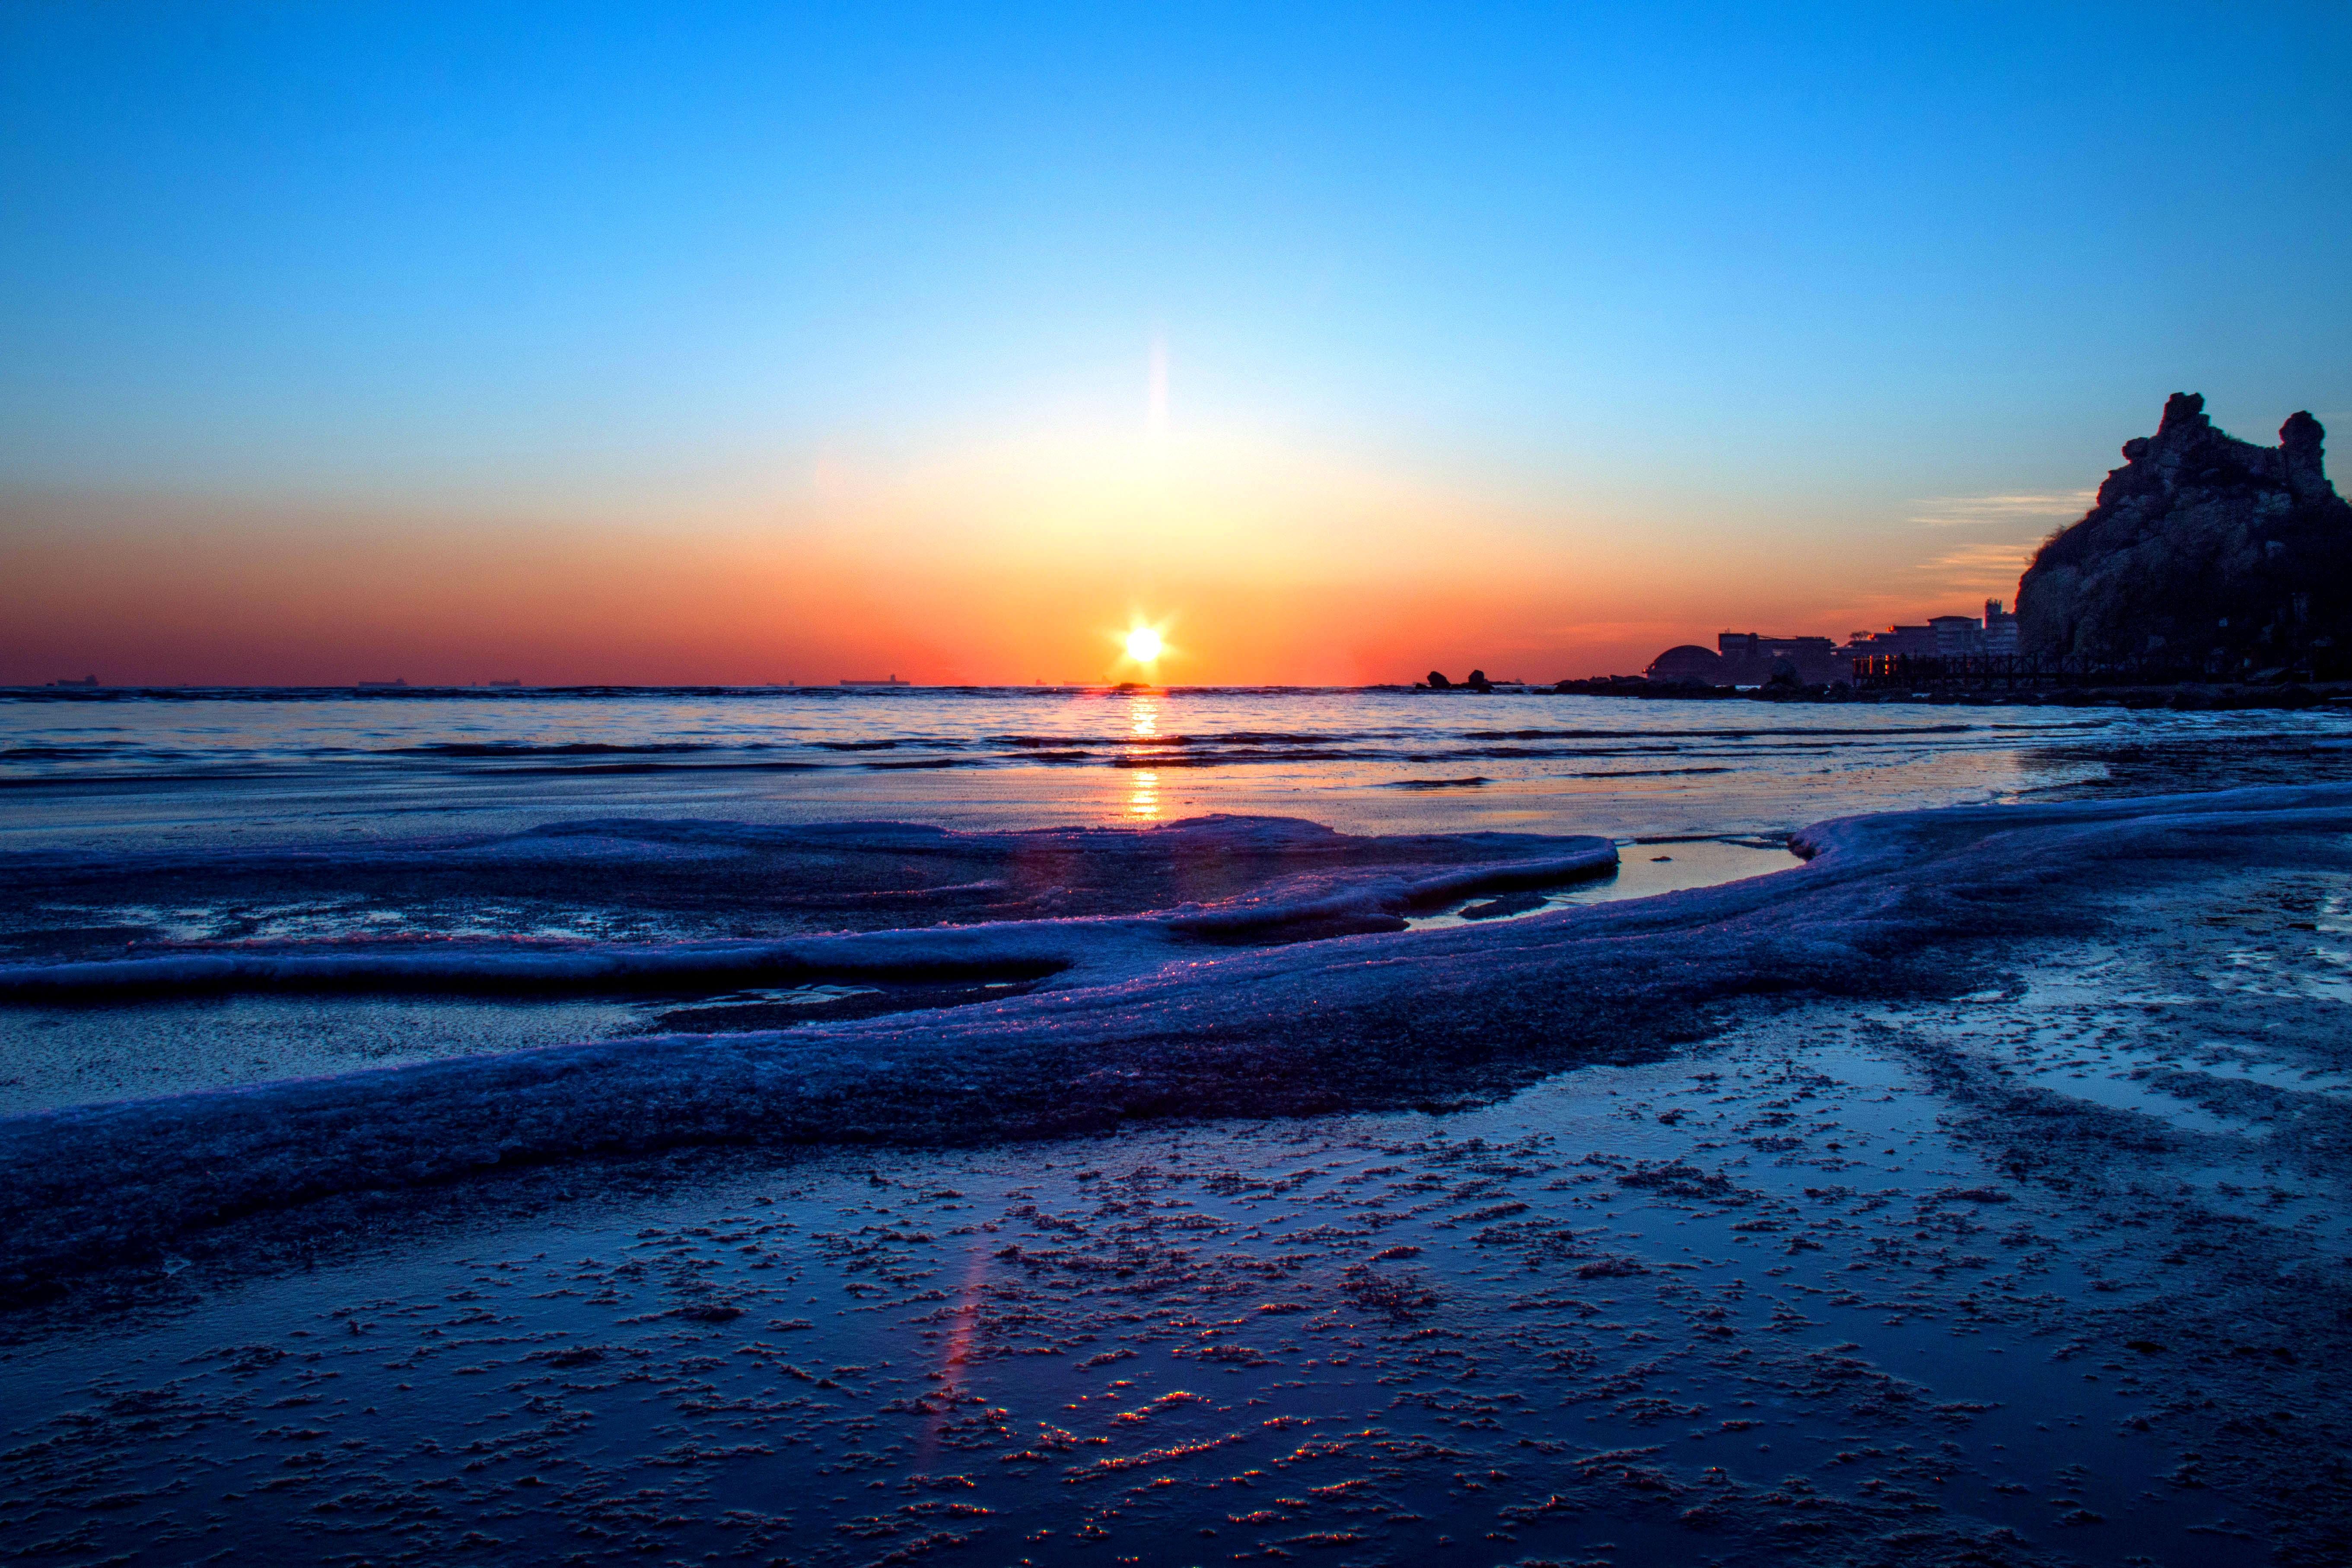 штопор фото море зимой рассвет наличии широкий выбор